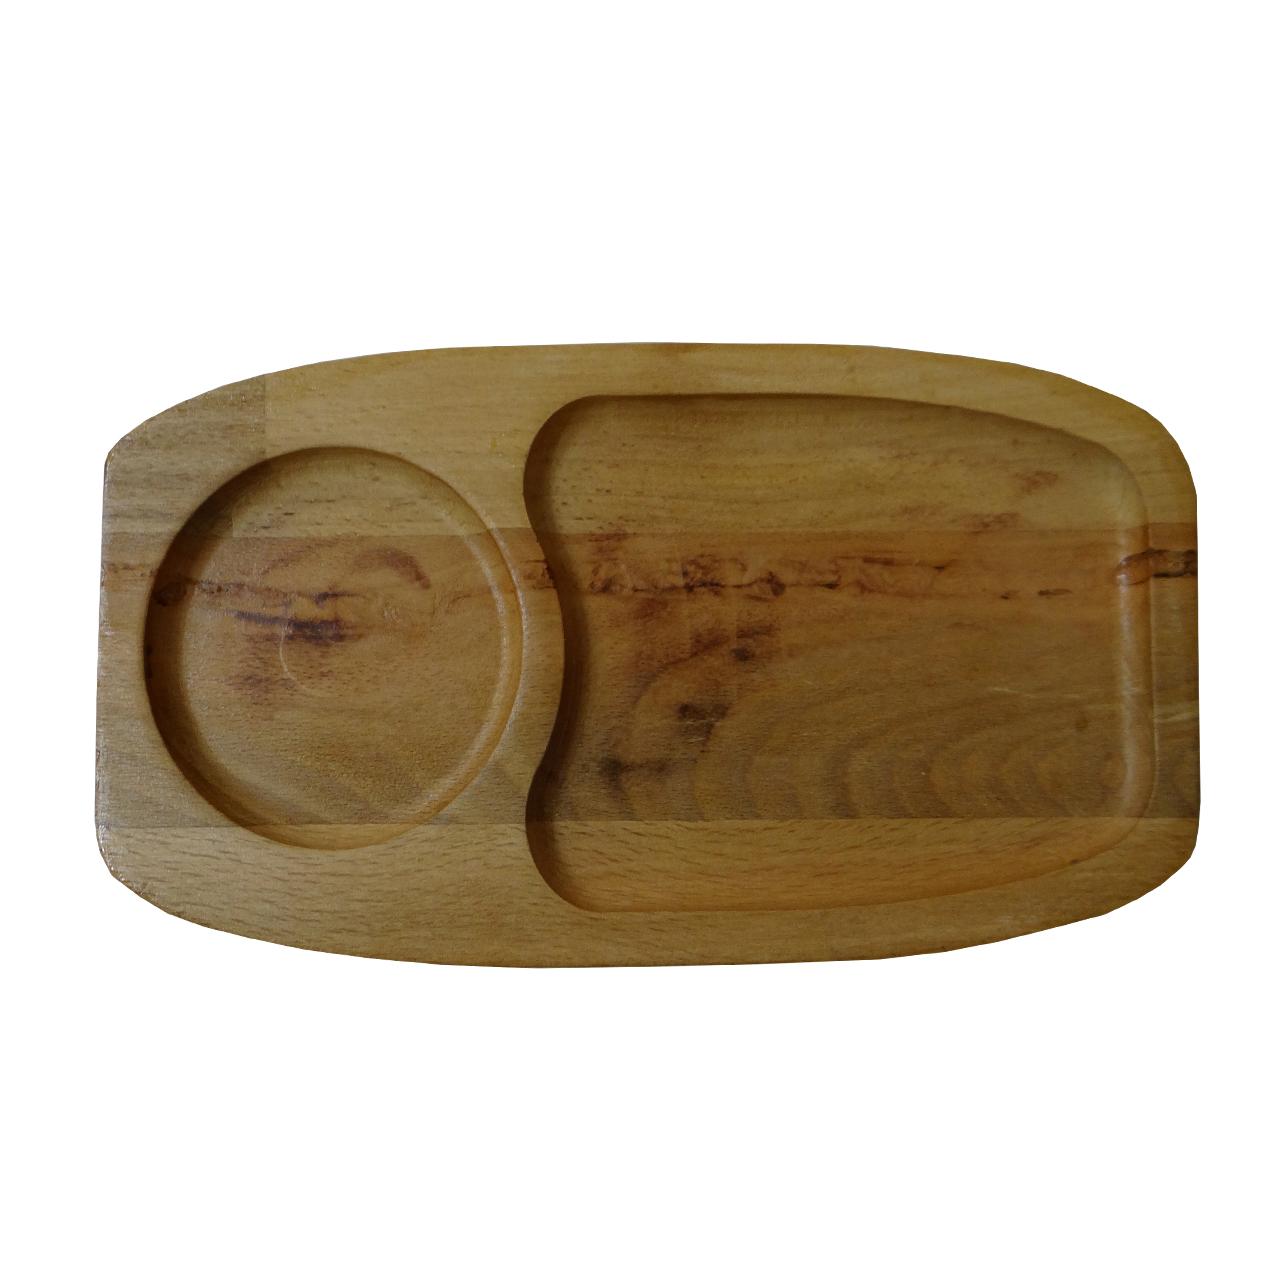 اردوخوری و صبحانه خوری بامبو مدل 654 کد 09